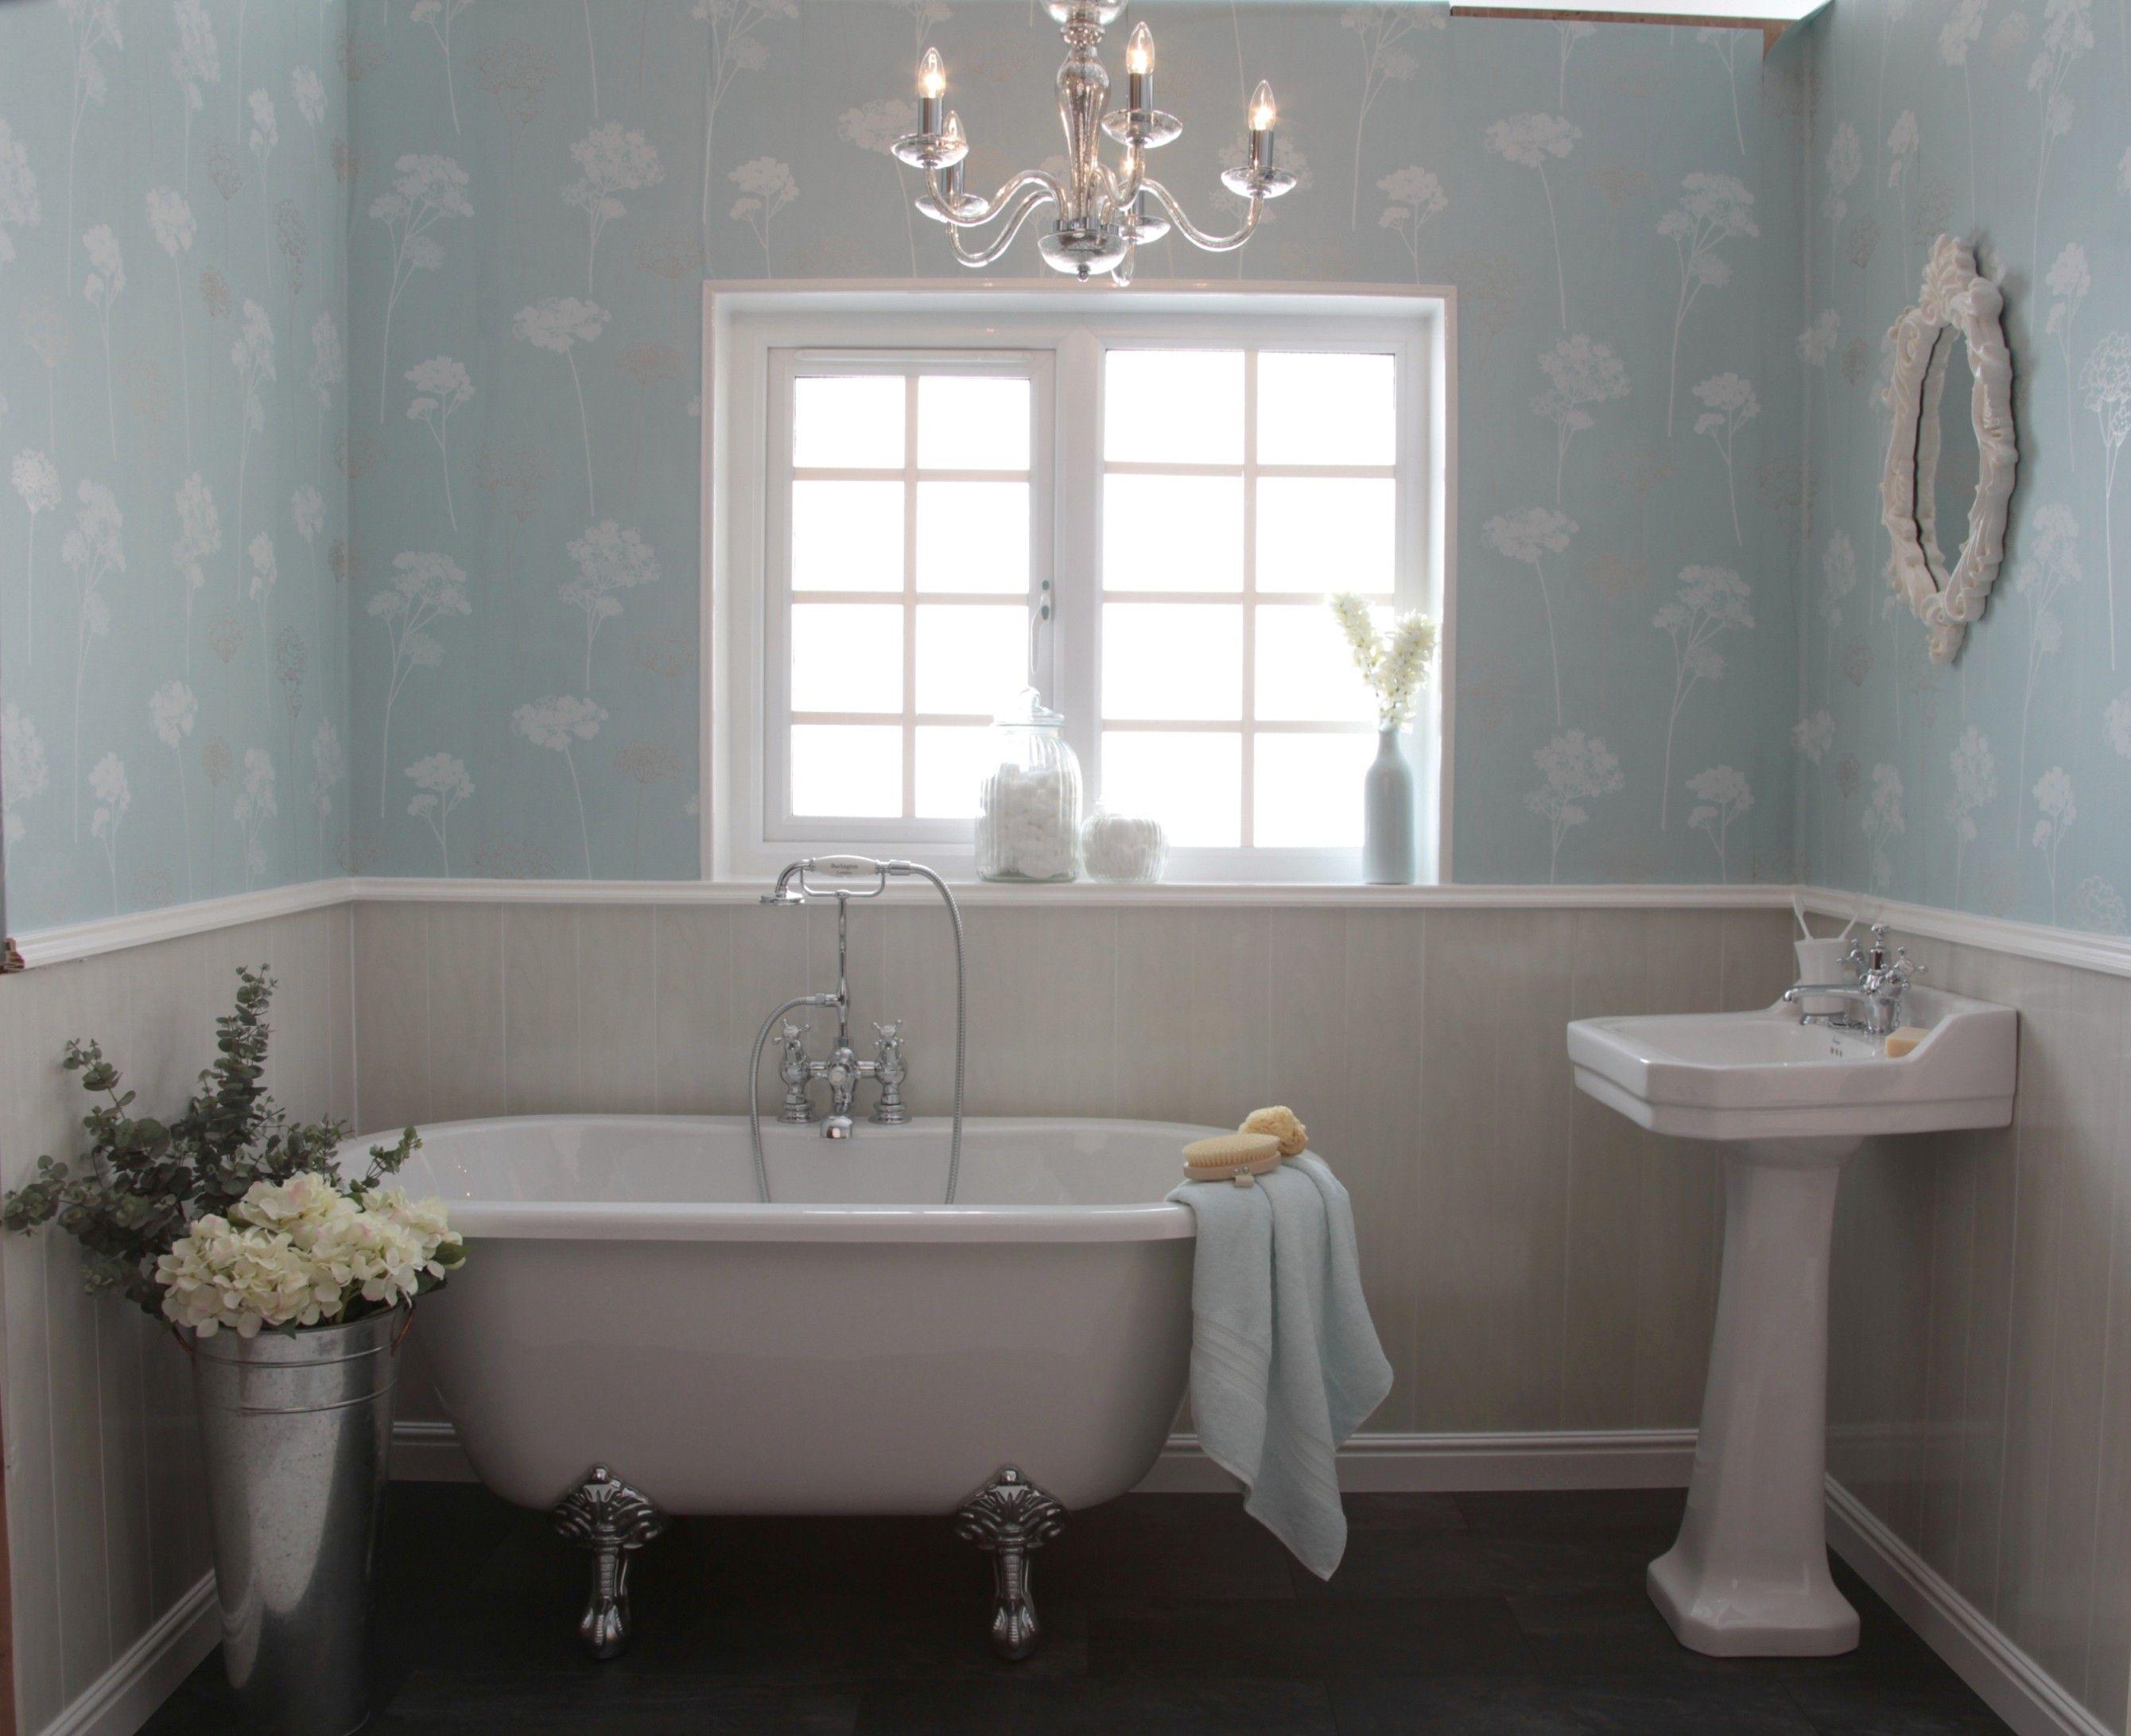 Pin By Nancy Ruiz On Bathroom Ideas Shabby Chic Bathroom Wall Cladding Modern Bathrooms Interior Bathroom Wall